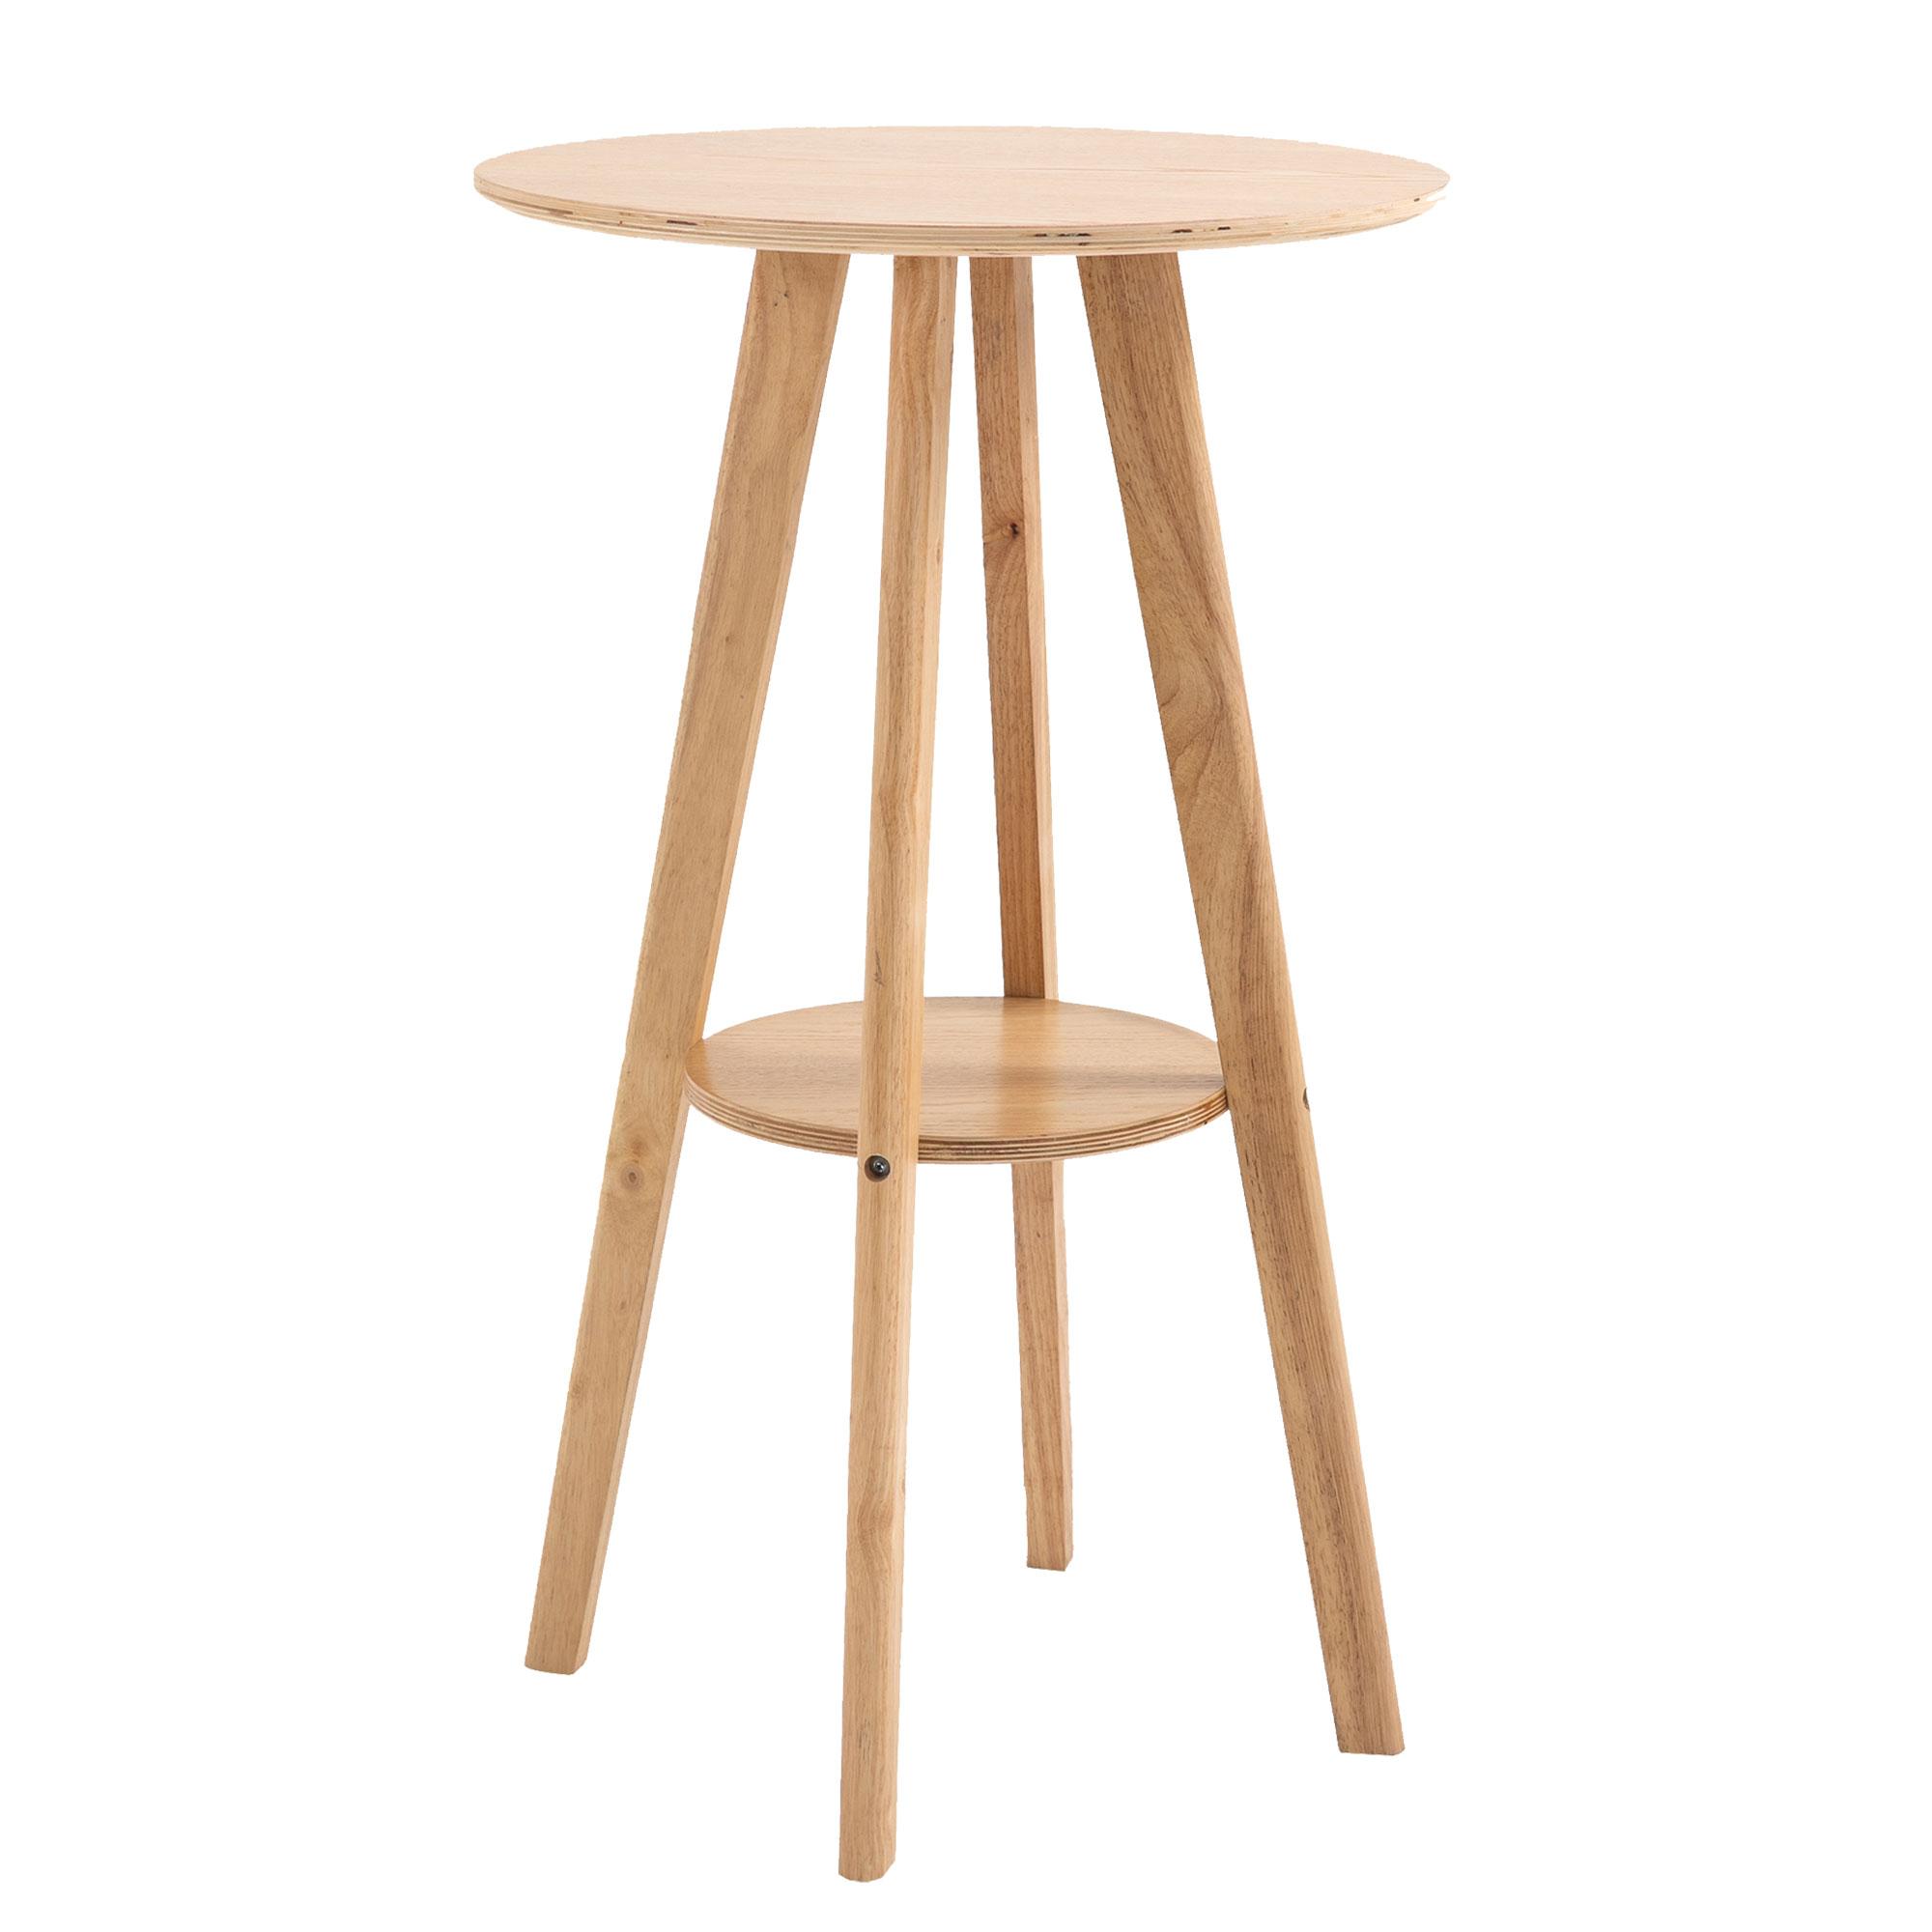 Table de bar ronde style naturel chic avec étagère eucalyptus